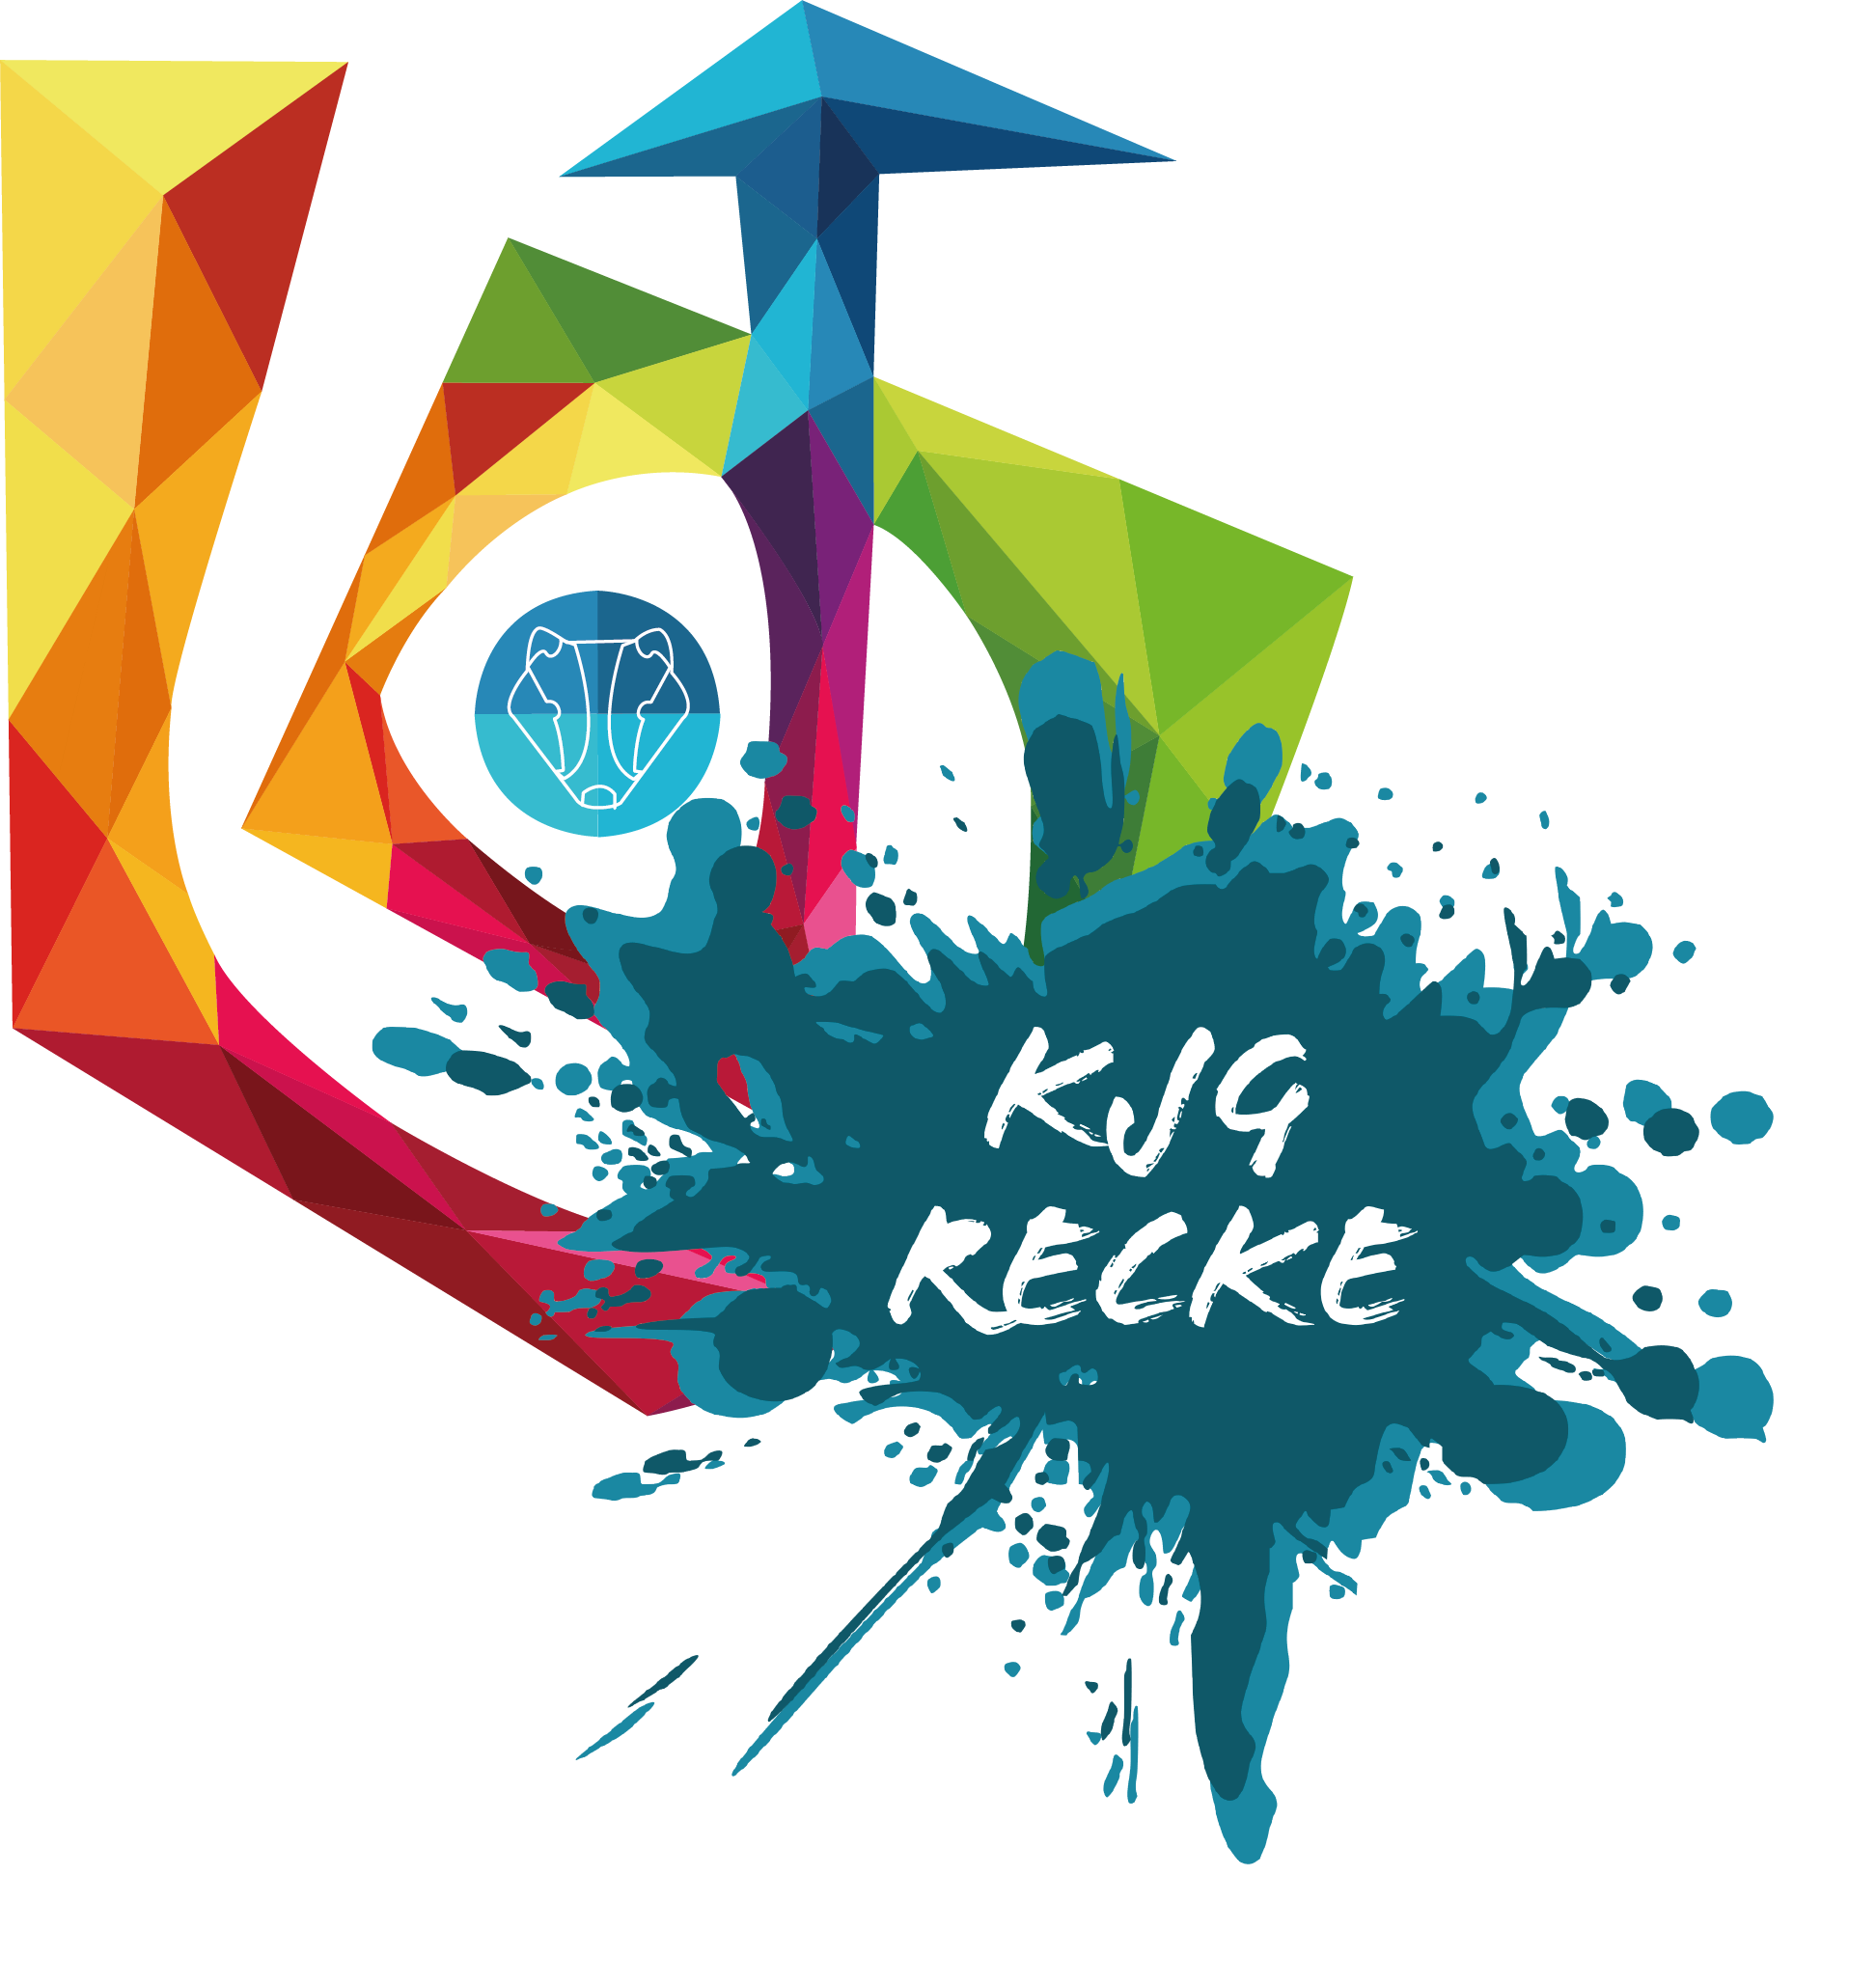 KjG Recke